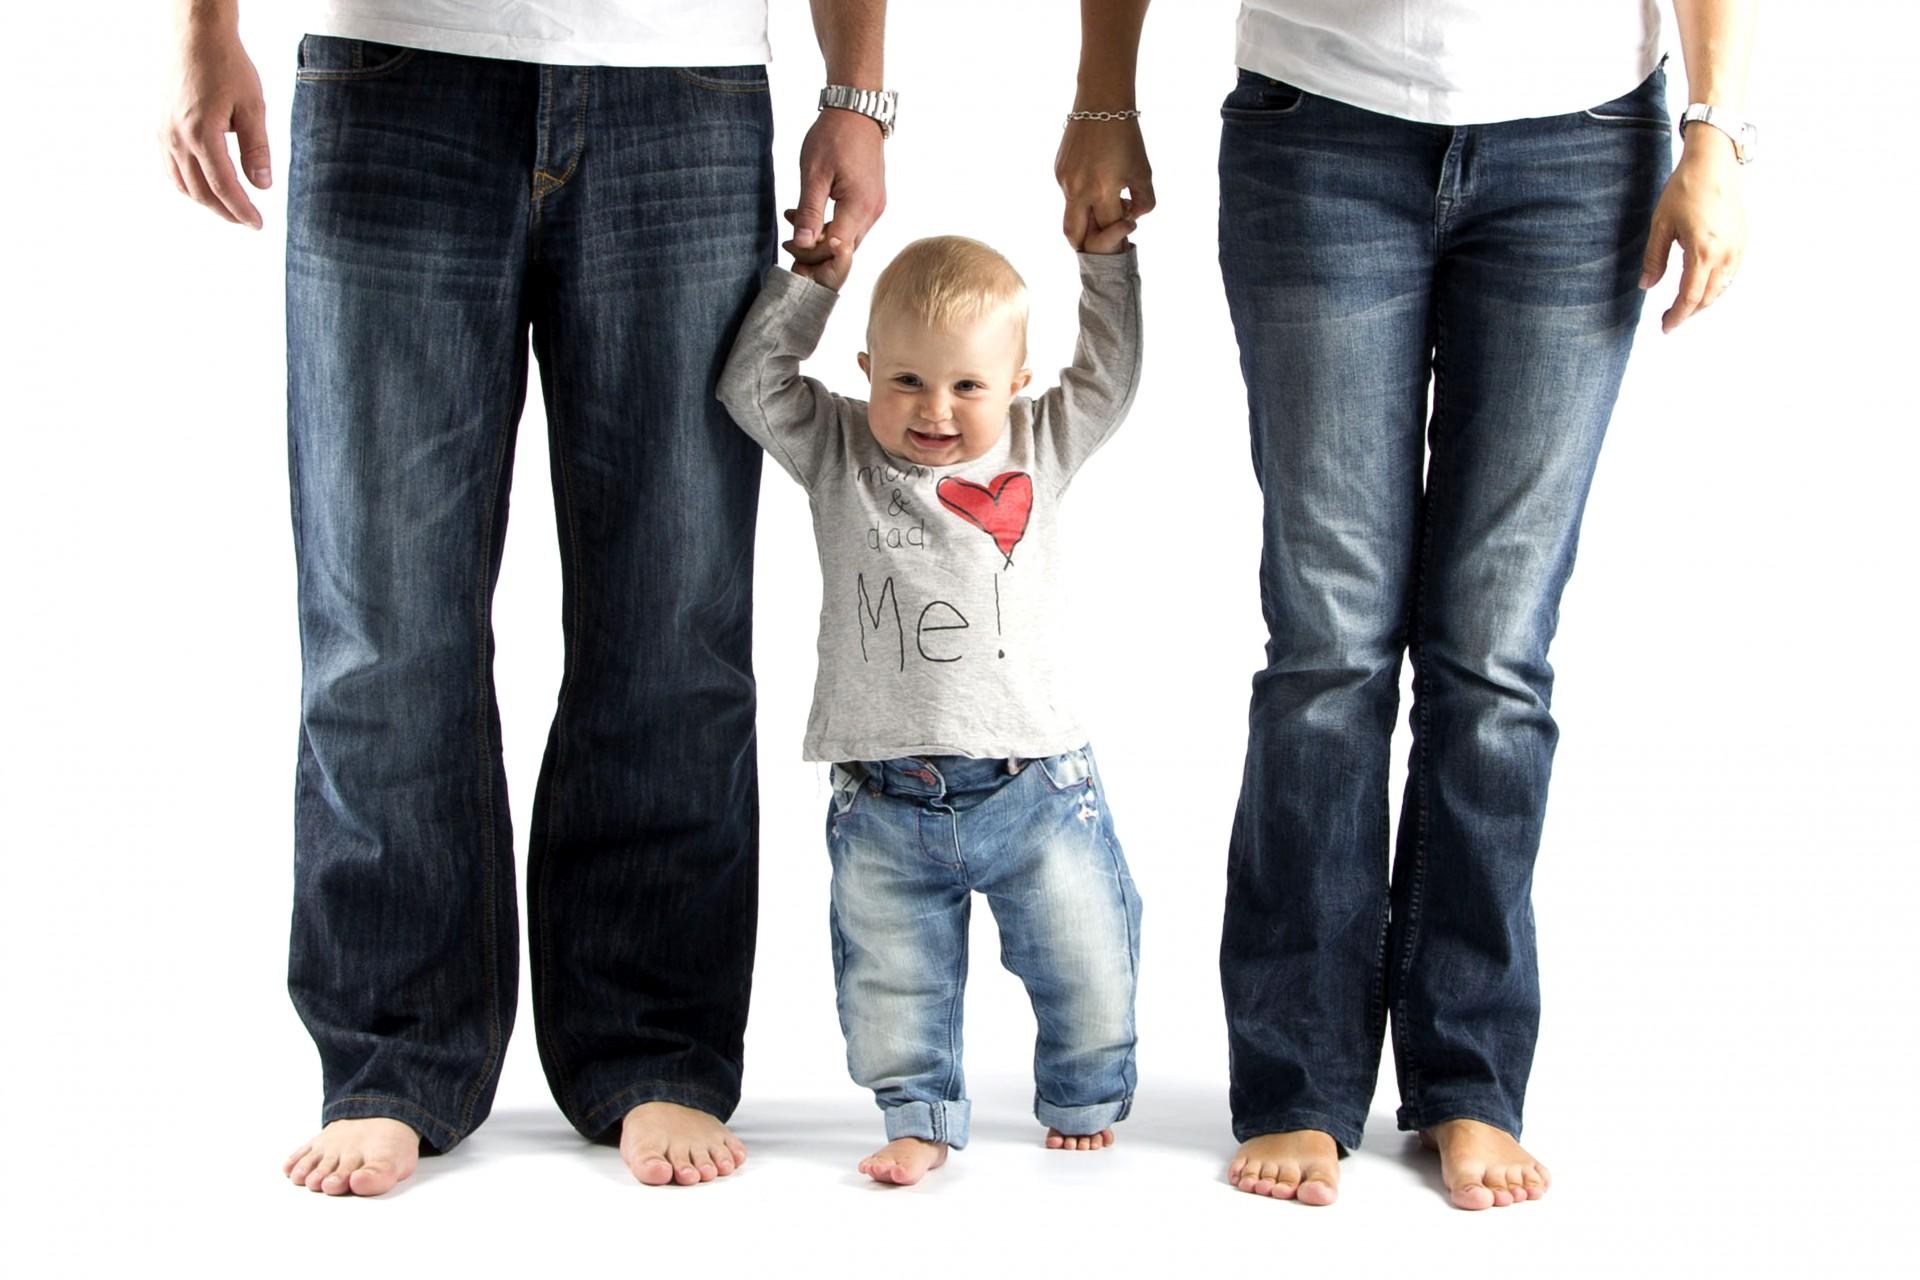 Czy zlecając test na ojcostwo trzeba podać cel badania